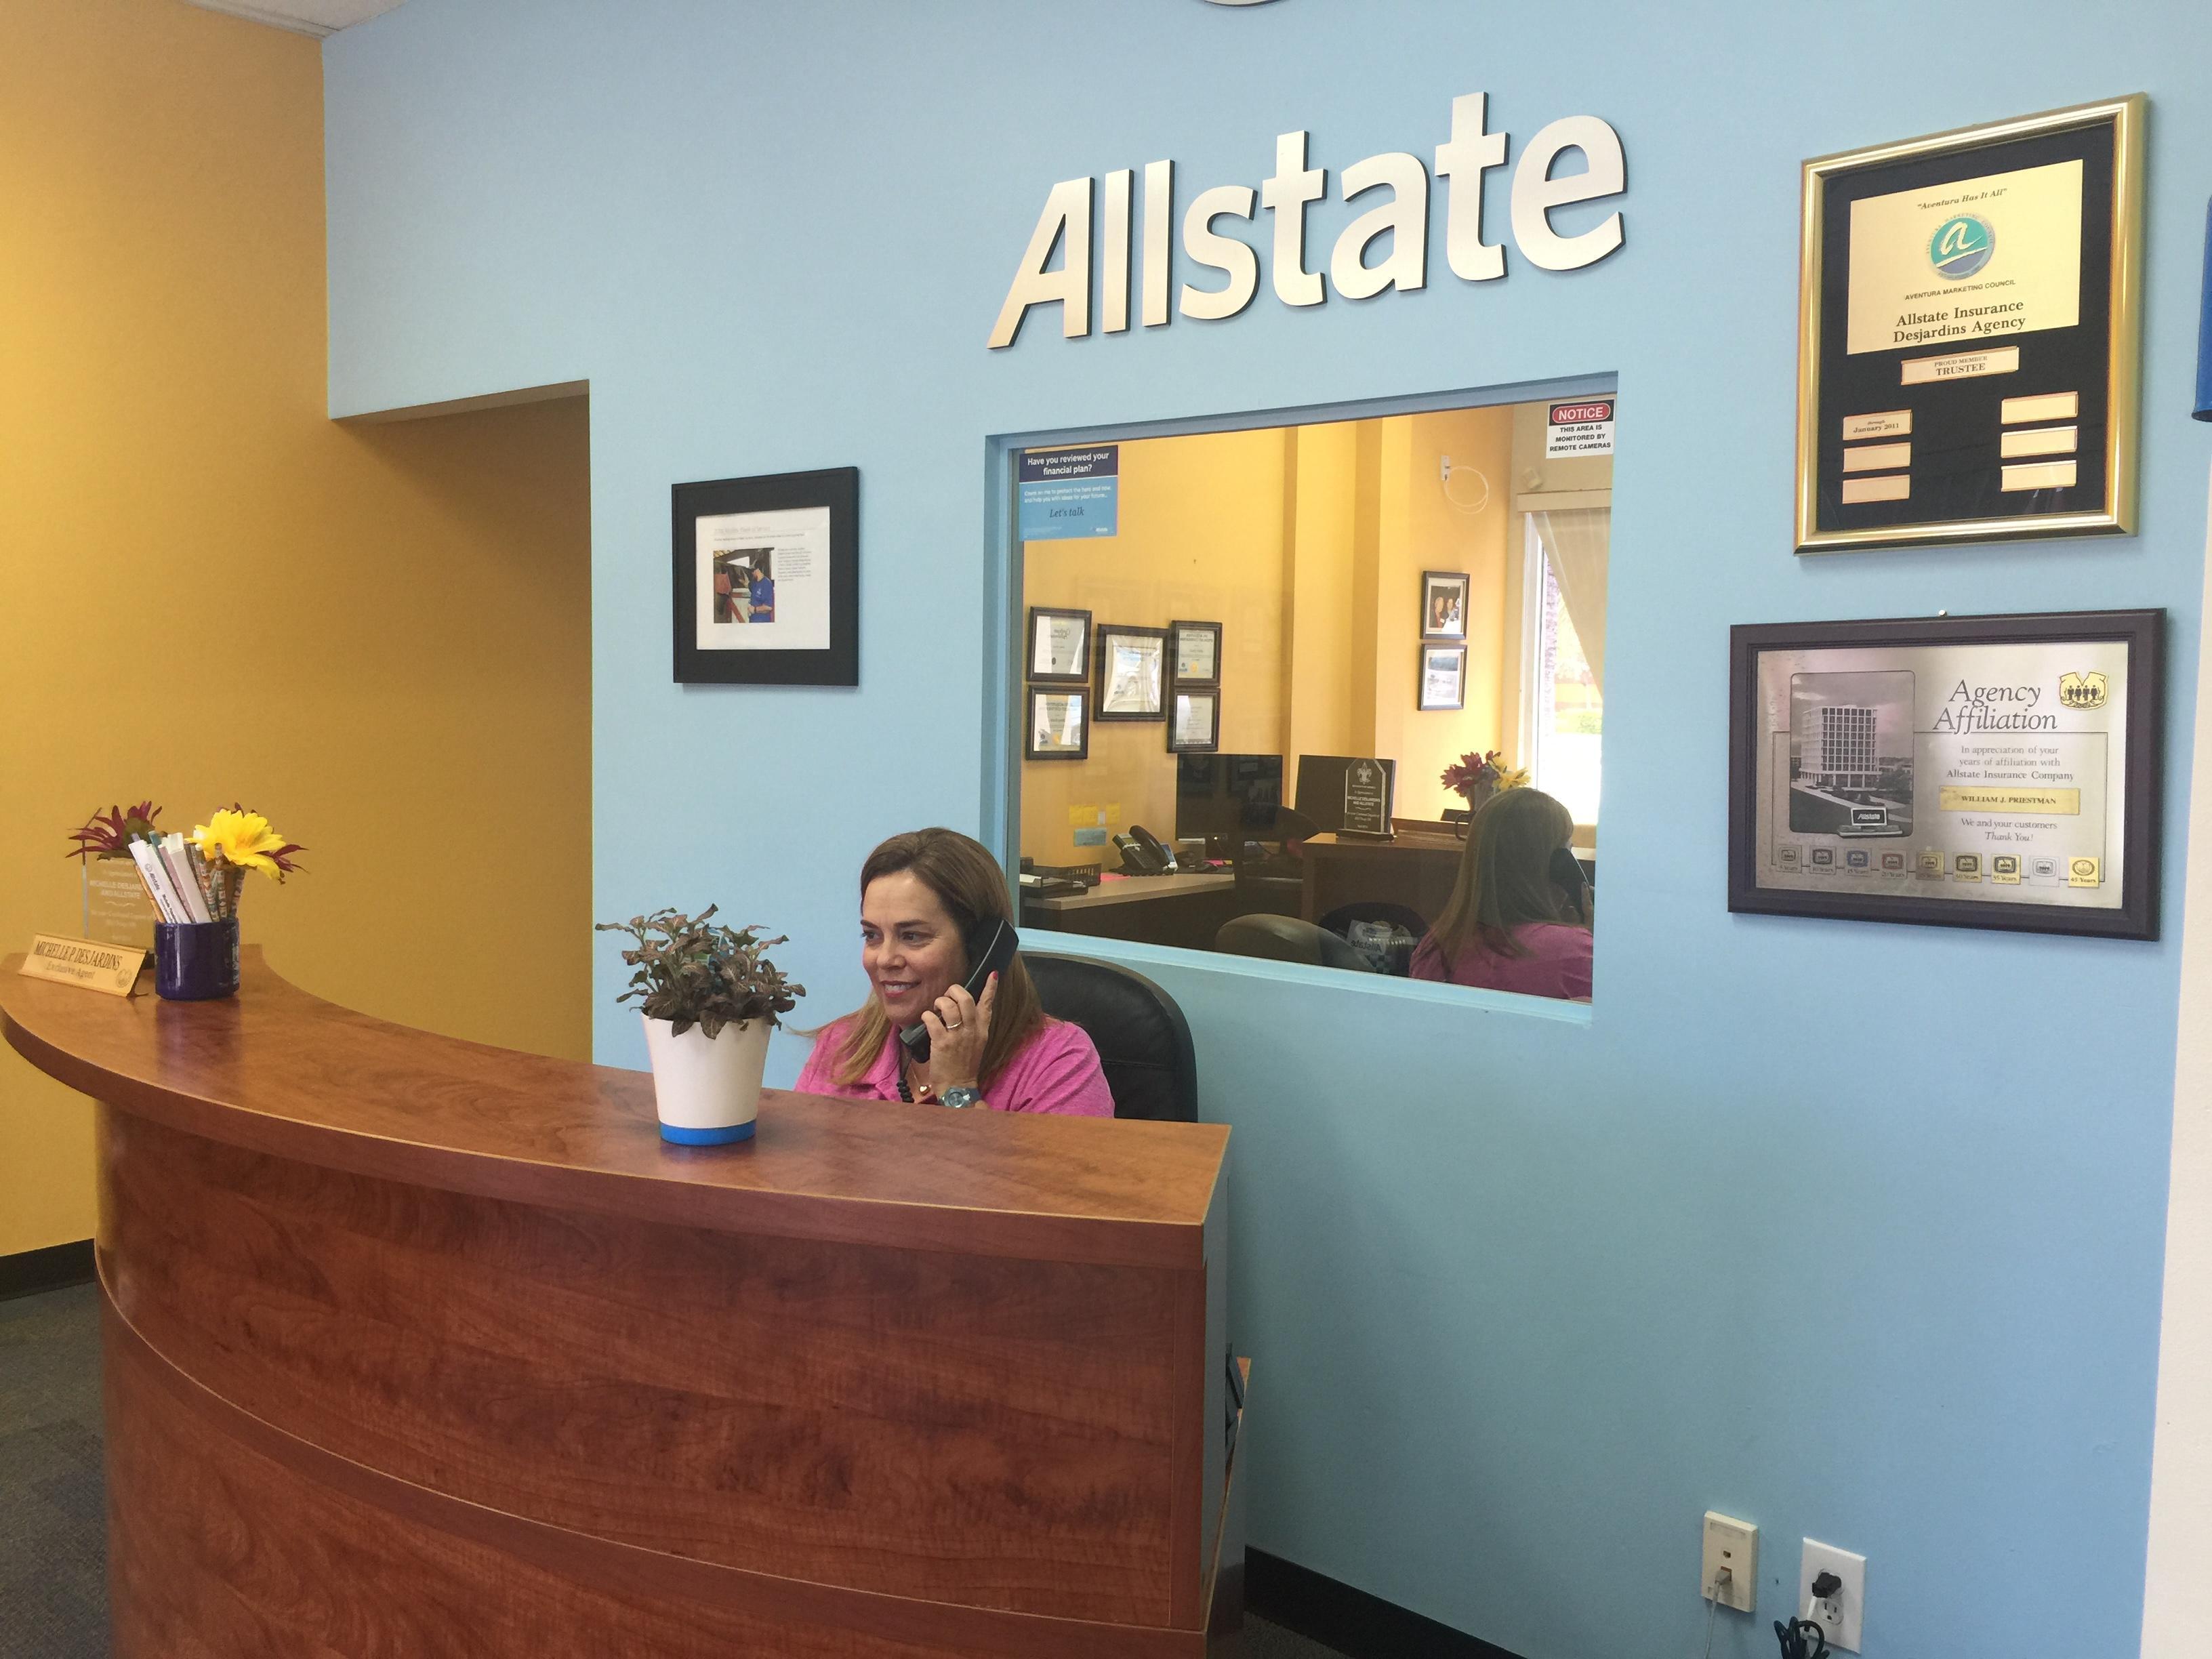 Michelle Priestman Desjardins: Allstate Insurance image 54